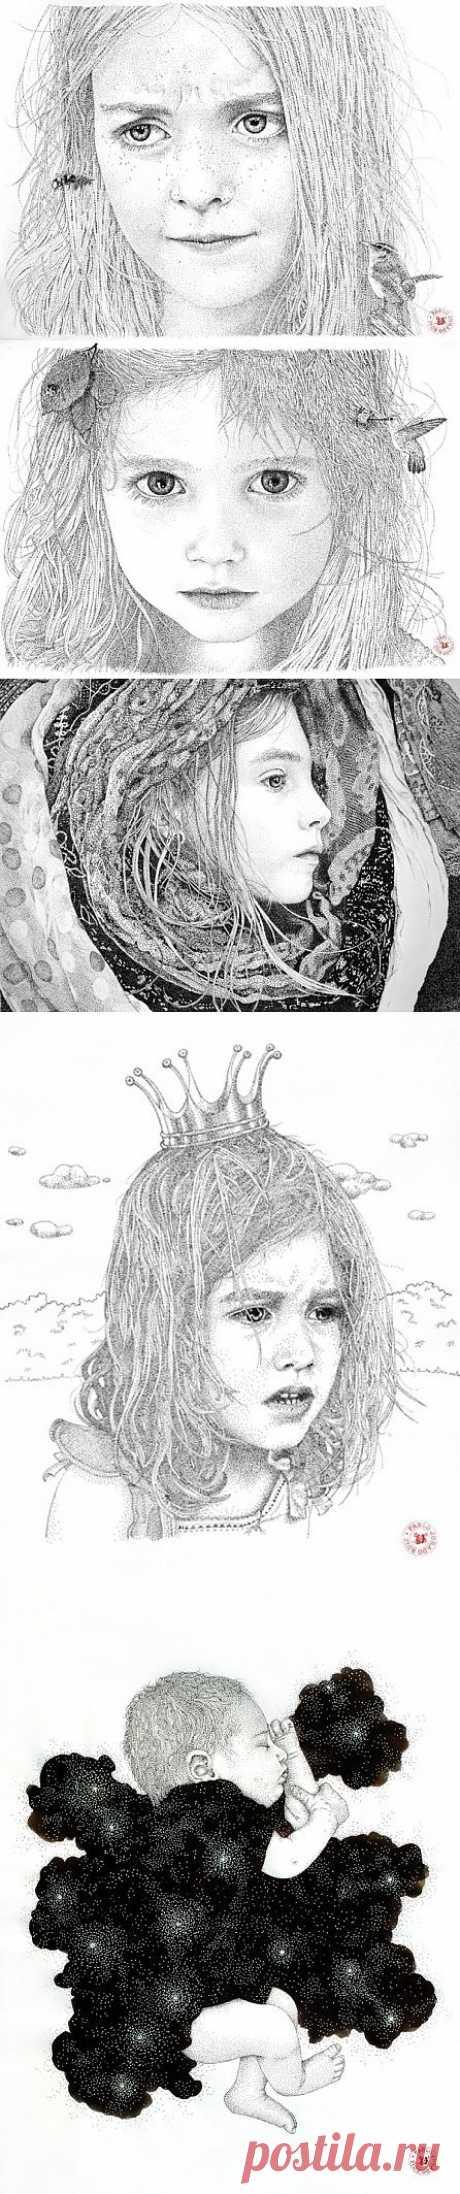 Картины из точек от Пабло Хурадо Руиса (11 картин)